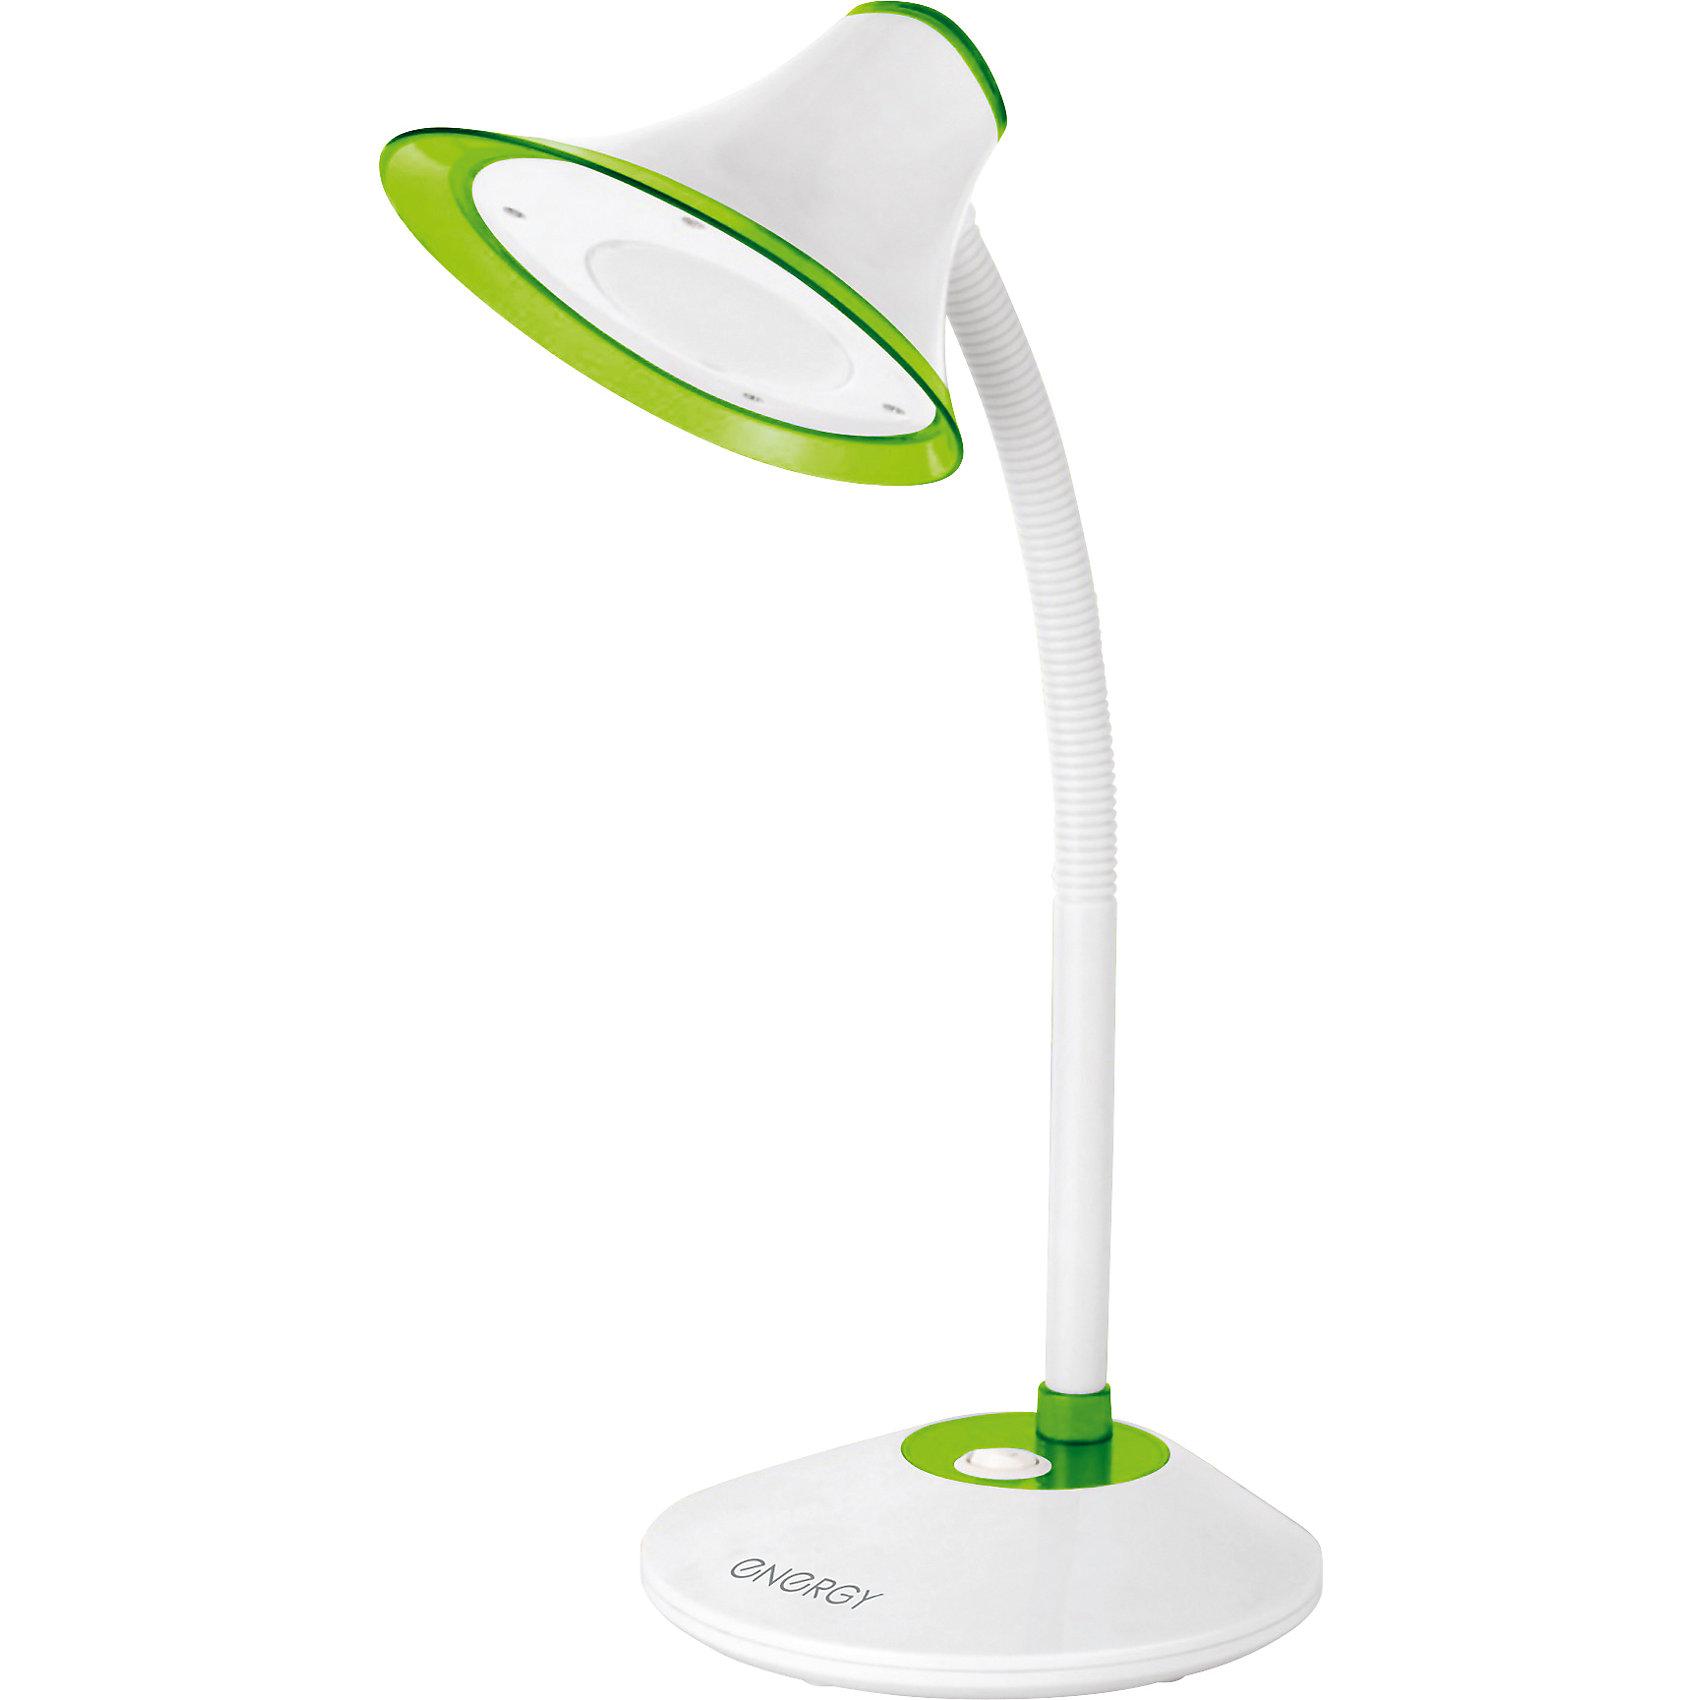 Лампа электрическая настольная EN-LED20, ENERGY, бело-зеленаяЛампы, ночники, фонарики<br>Лампа электрическая настольная EN-LED20, ENERGY (Энерджи), бело-зеленая<br><br>Характеристики:<br><br>• современный дизайн<br>• светодиодная лампа<br>• световой поток: 420 лм<br>• мощность: 5 Вт<br>• длина шнура: 1,5 м<br>• цвет: белый/зеленый<br>• материал: пластик, металл<br><br>Настольная лампа - важный атрибут для полноценной учебы. В темное время электрическая лампа EN-LED20 поможет вам заниматься своими делами, не беспокоя близких. Светодиодные лампы обеспечивают полноценное освещение. EN-LED20 имеет лаконичный дизайн, который будет хорошо смотреться на любом письменном столе. Длина шнура составляет 1,5 метра, что позволит вам установить лампу достаточно далеко от розетки. Мощность - 5 Вт.<br><br>Лампу электрическую настольную EN-LED20, ENERGY (Энерджи), бело-зеленую вы можете купить в нашем интернет-магазине.<br><br>Ширина мм: 160<br>Глубина мм: 160<br>Высота мм: 220<br>Вес г: 908<br>Возраст от месяцев: 216<br>Возраст до месяцев: 1188<br>Пол: Унисекс<br>Возраст: Детский<br>SKU: 5454017